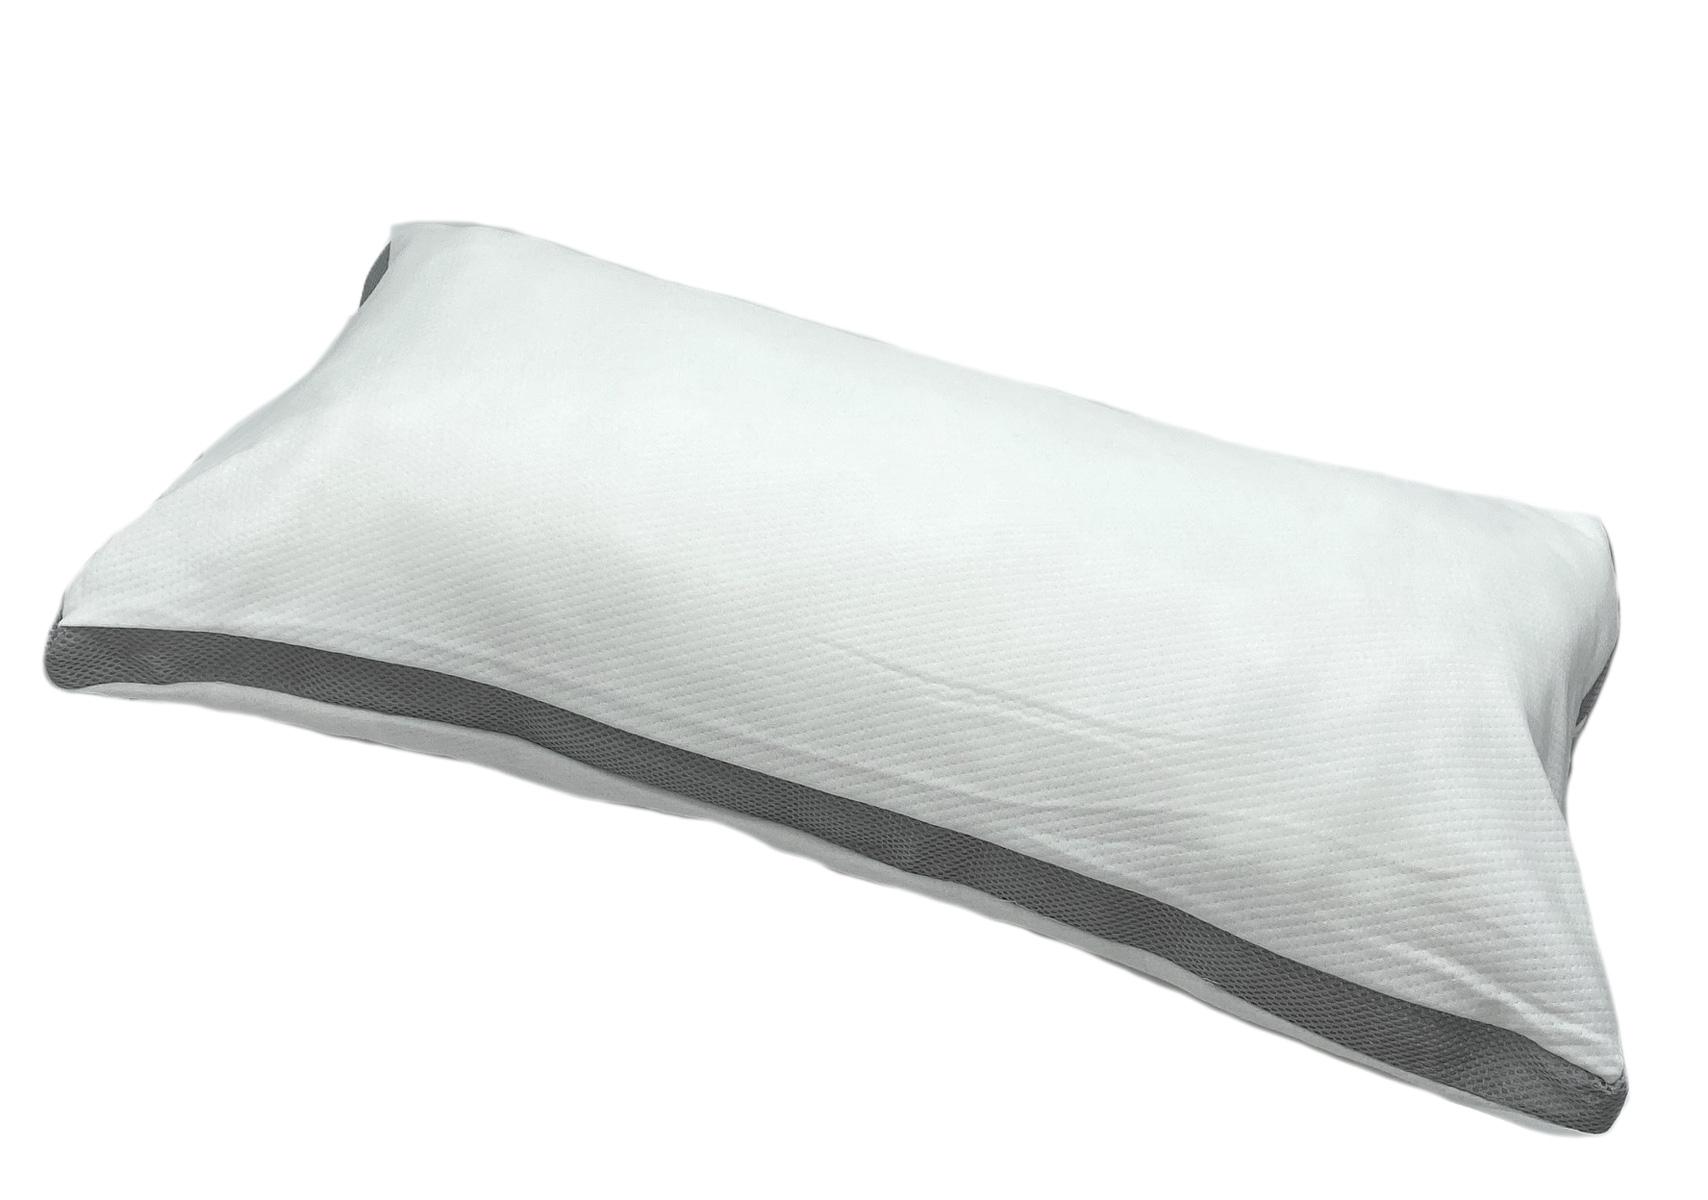 Bettdecken und Kopfkissen - Visco Nackenstützkissen weiß 40x80 Kissen  - Onlineshop PremiumShop321